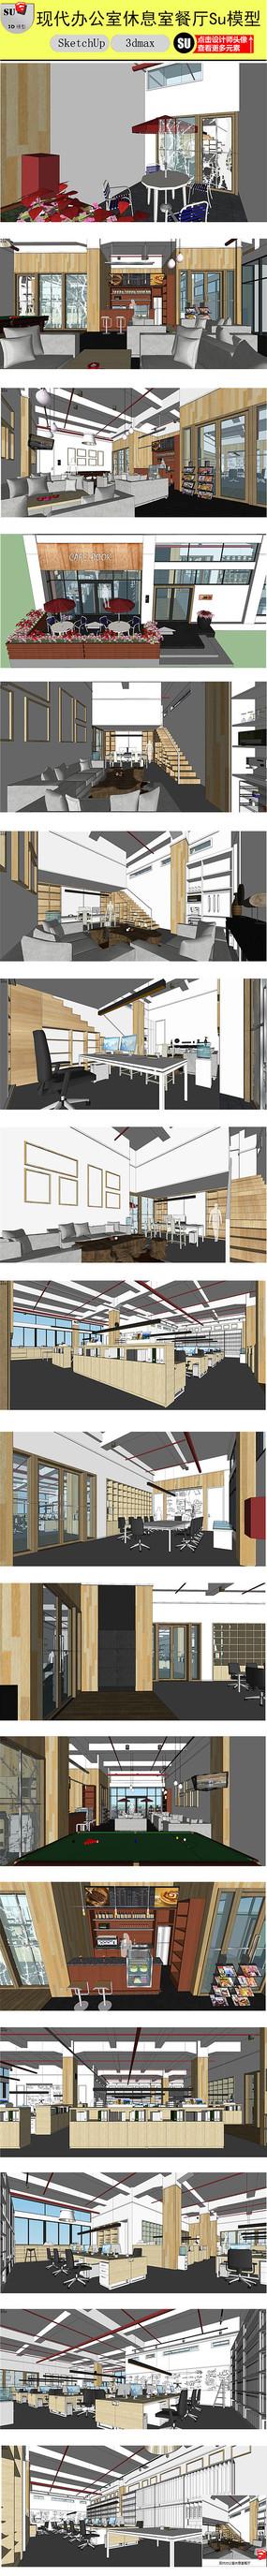 现代办公室休息室餐厅SU模型